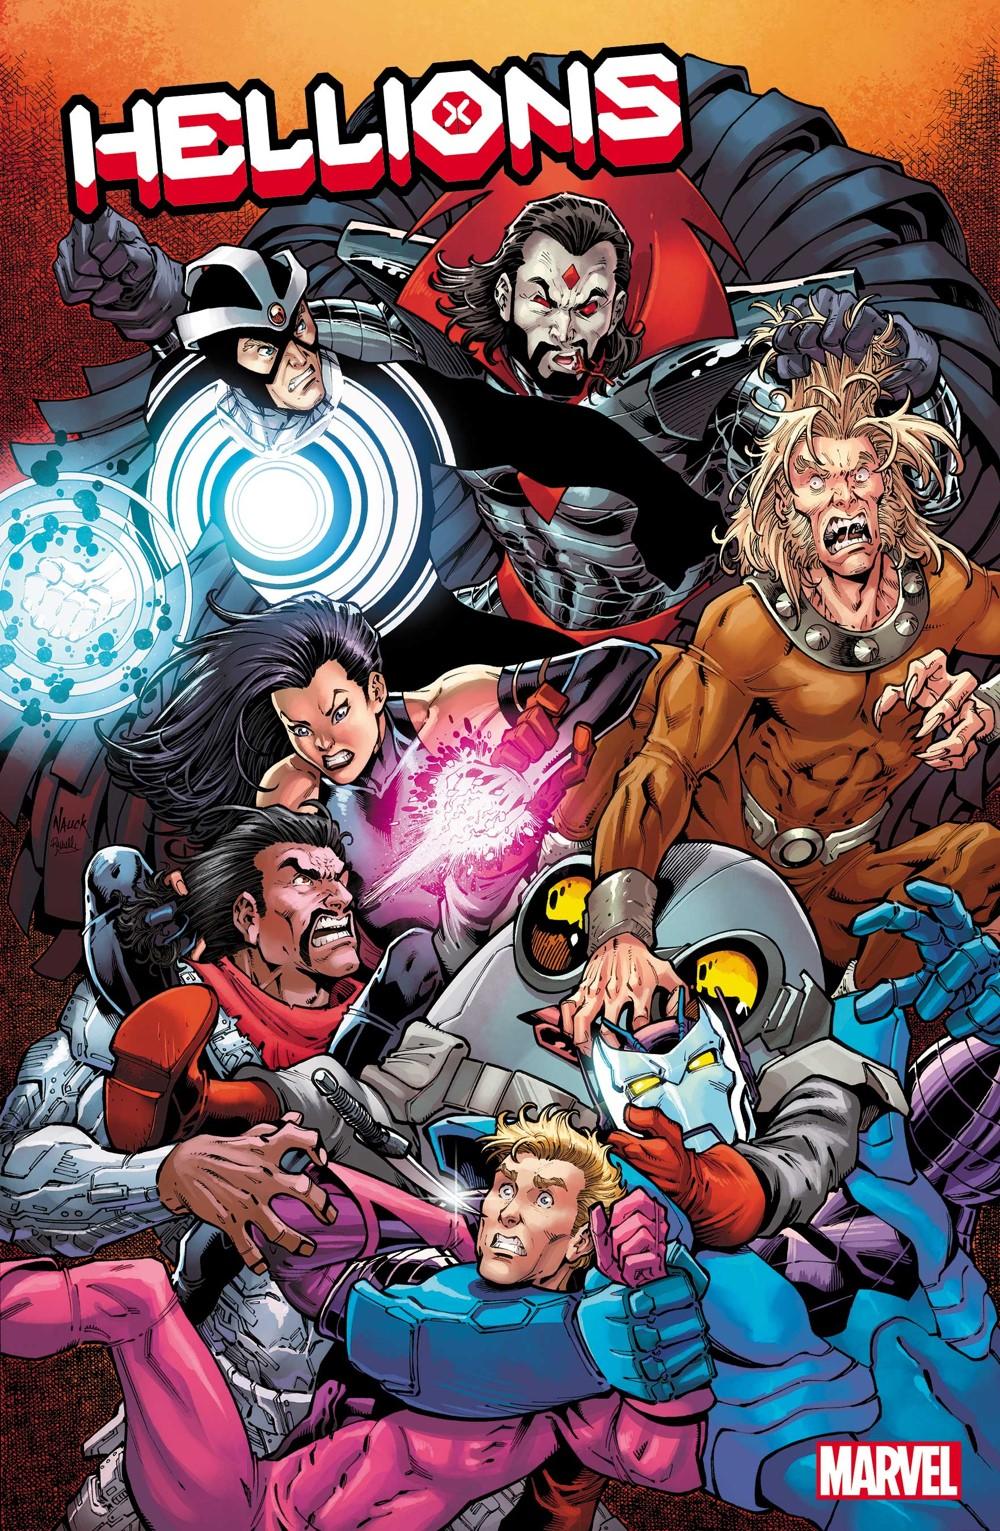 HELLIONS2020016_Nauck_Var Marvel Comics October 2021 Solicitations